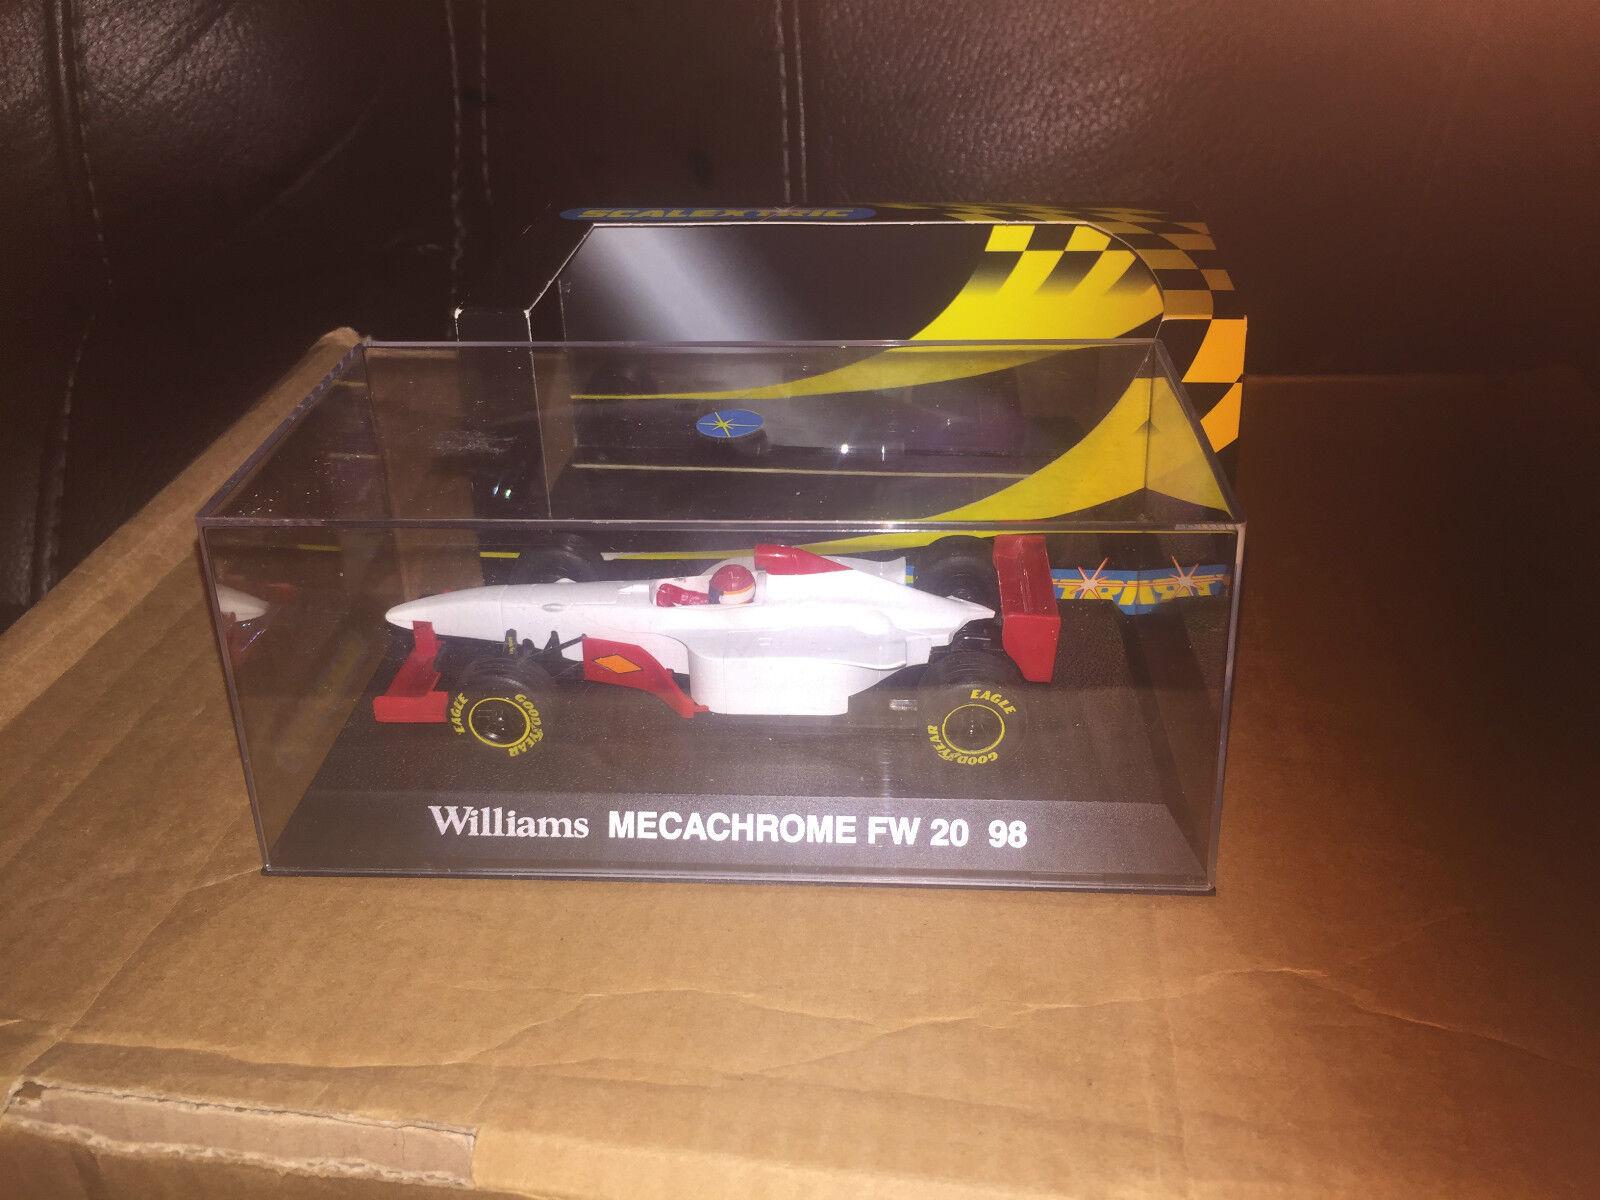 SCALEXTRIC WILLIAMS MECACHROME FW 20 98 PredOTYPE RARE